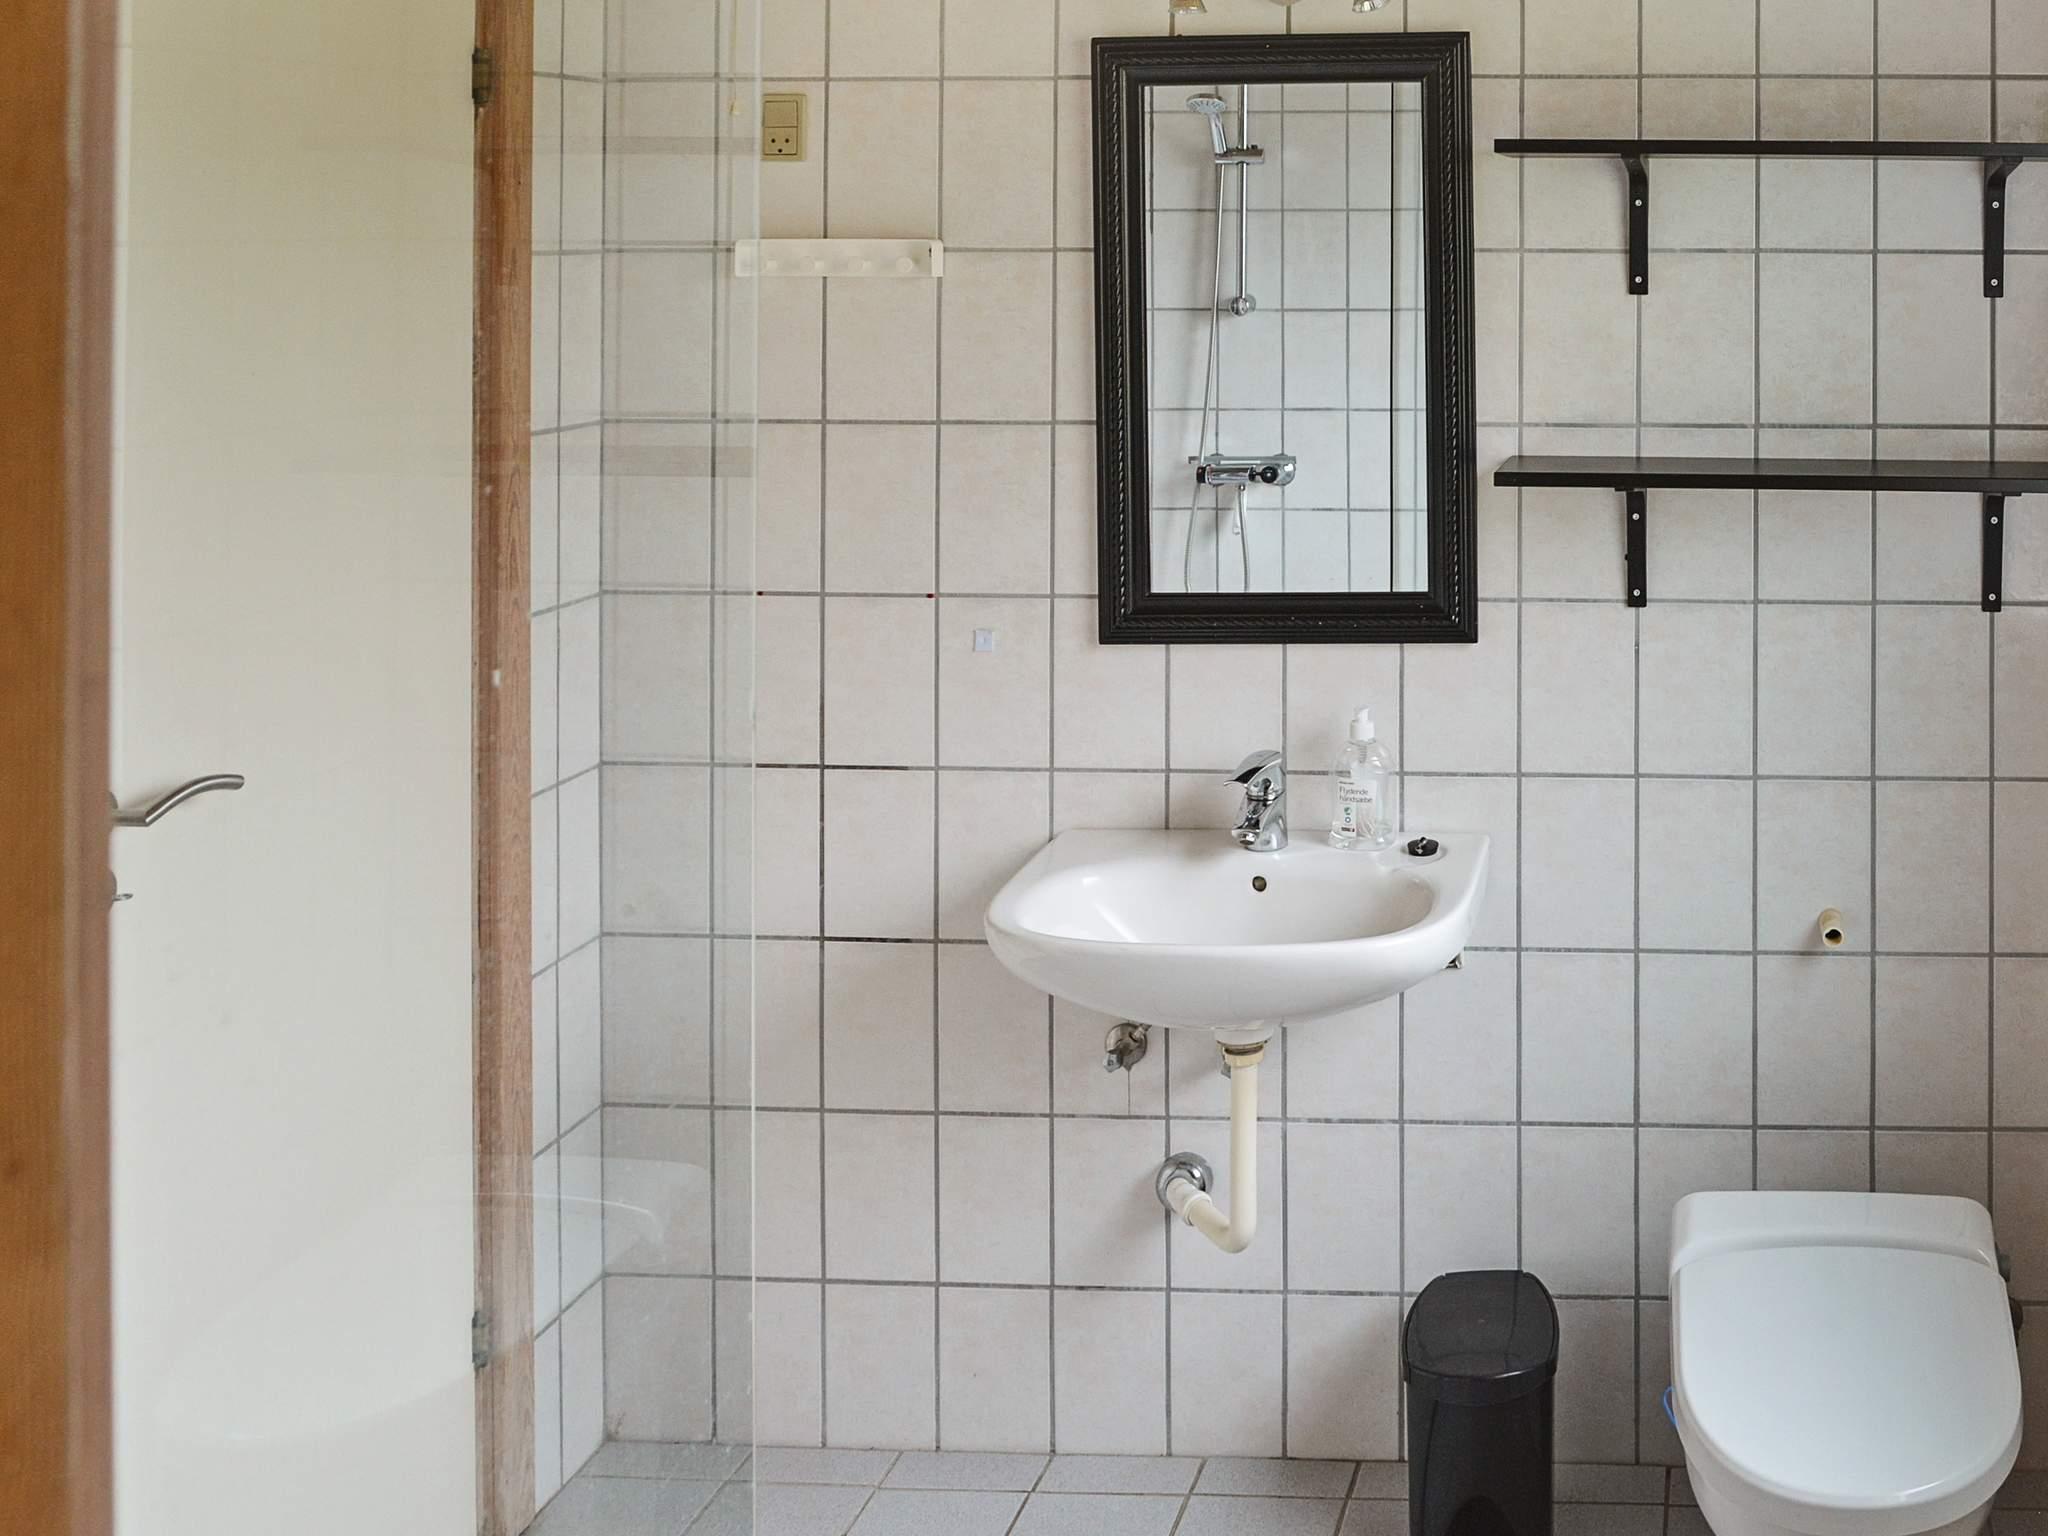 Ferienhaus Kramnitze (87285), Kramnitse, , Lolland, Dänemark, Bild 20